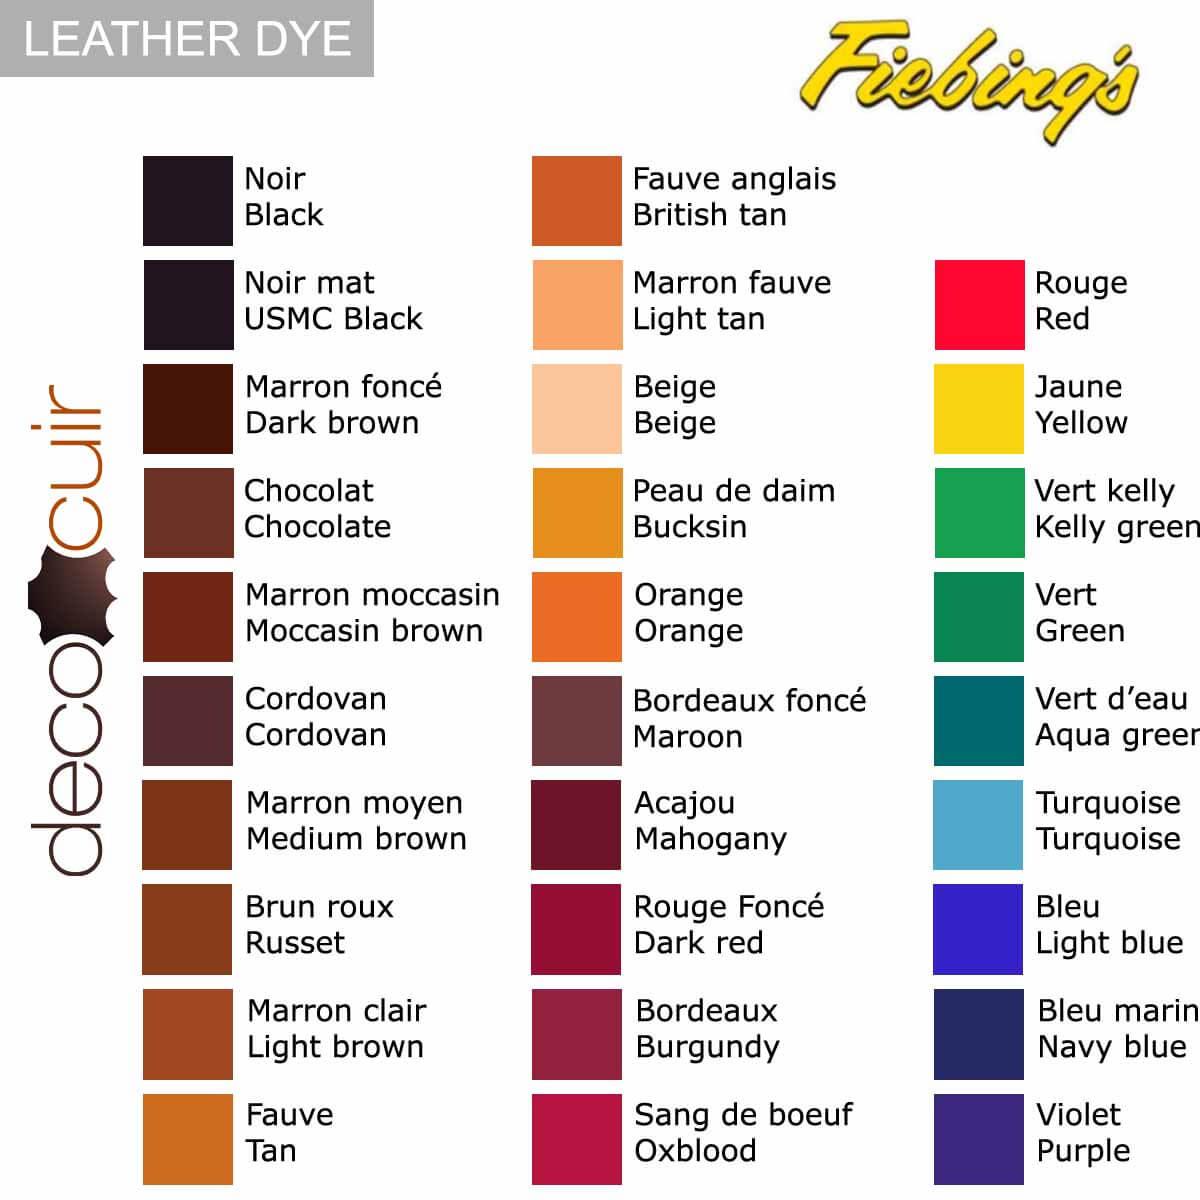 nuancier fiebing's leather dye